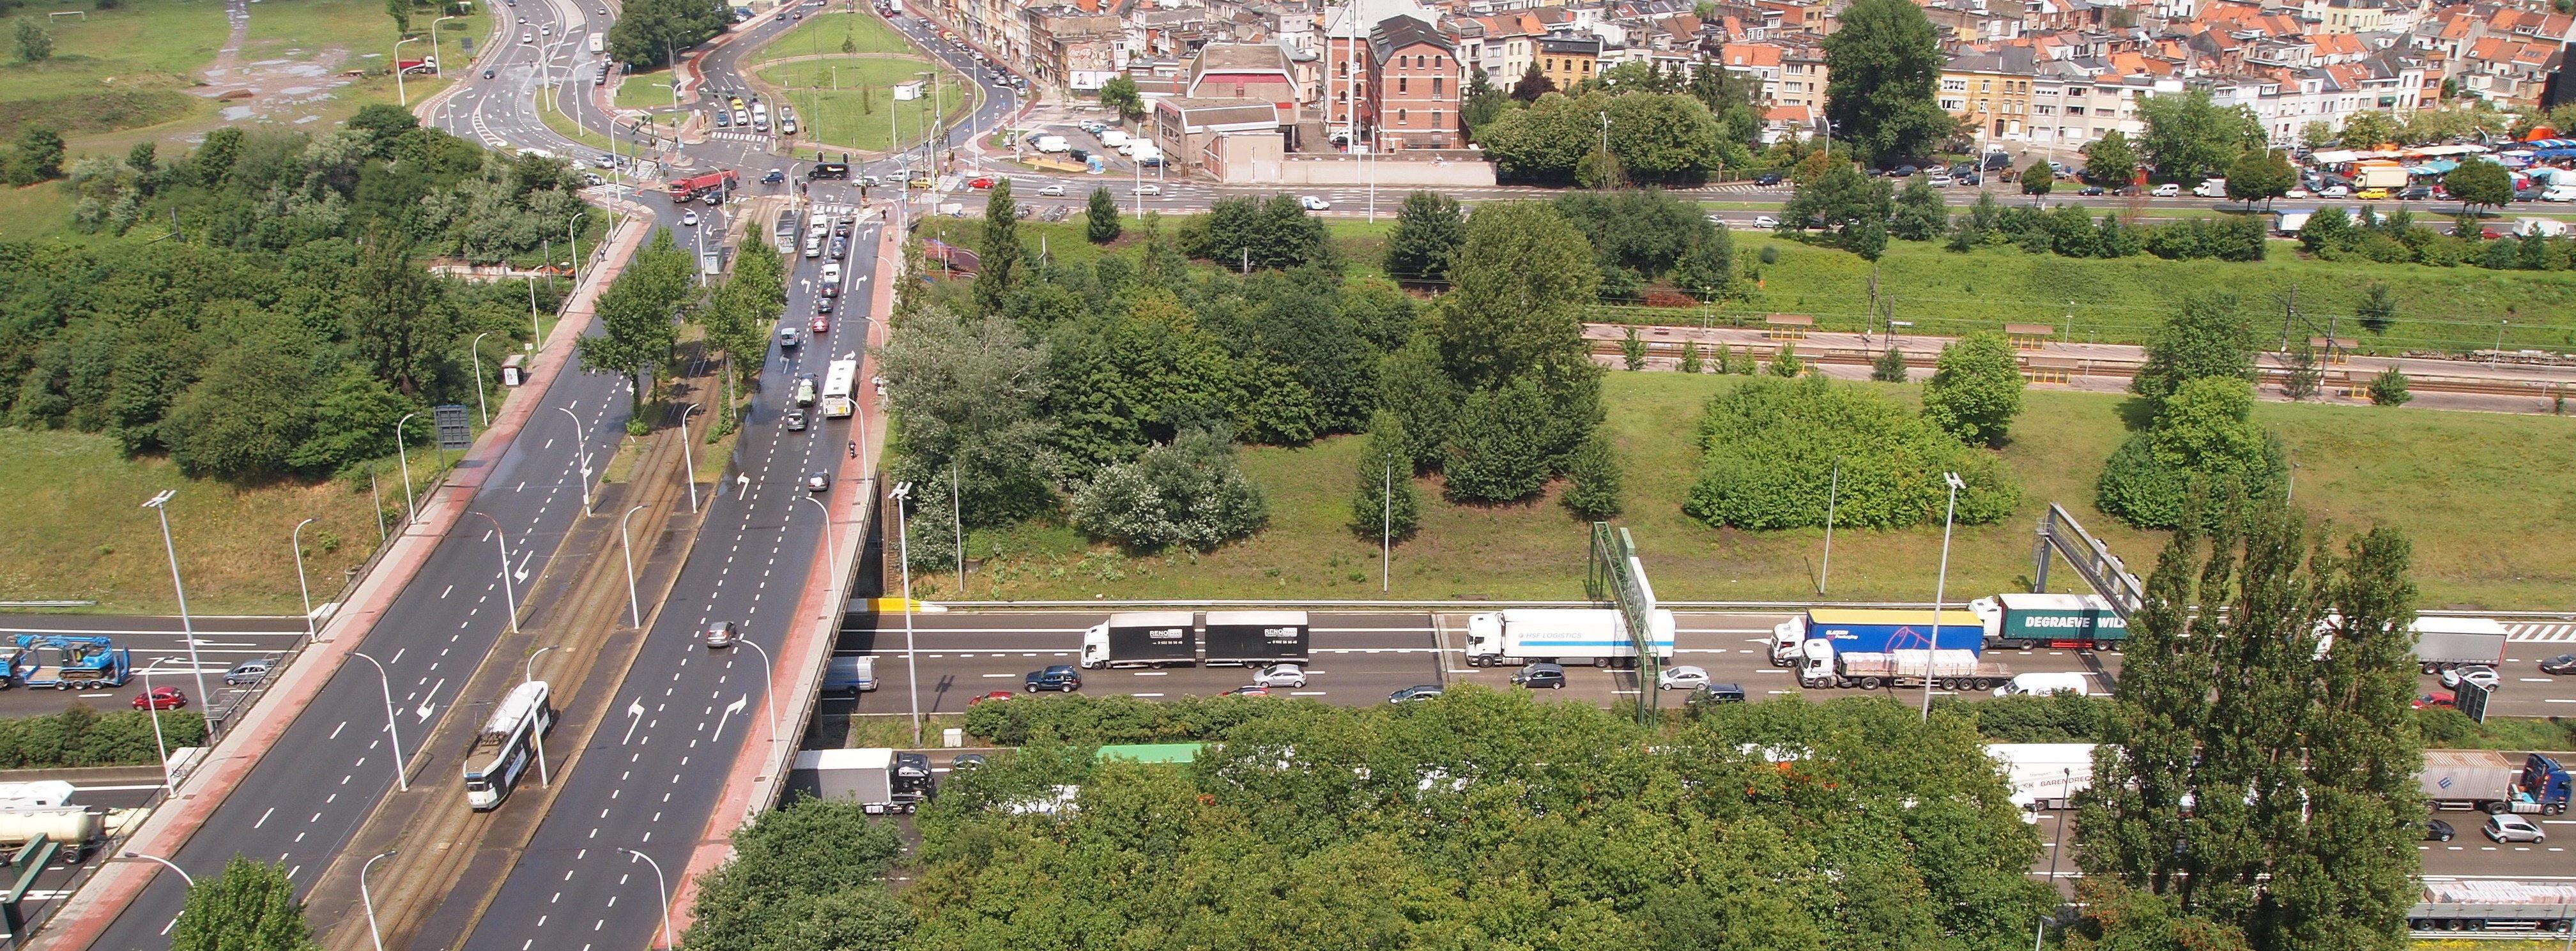 Het station is weggestopt tussen de Singel en de Ring. Het ligt onder de brug van de Kolonel Silvertopstraat over de Ring en het spoor.